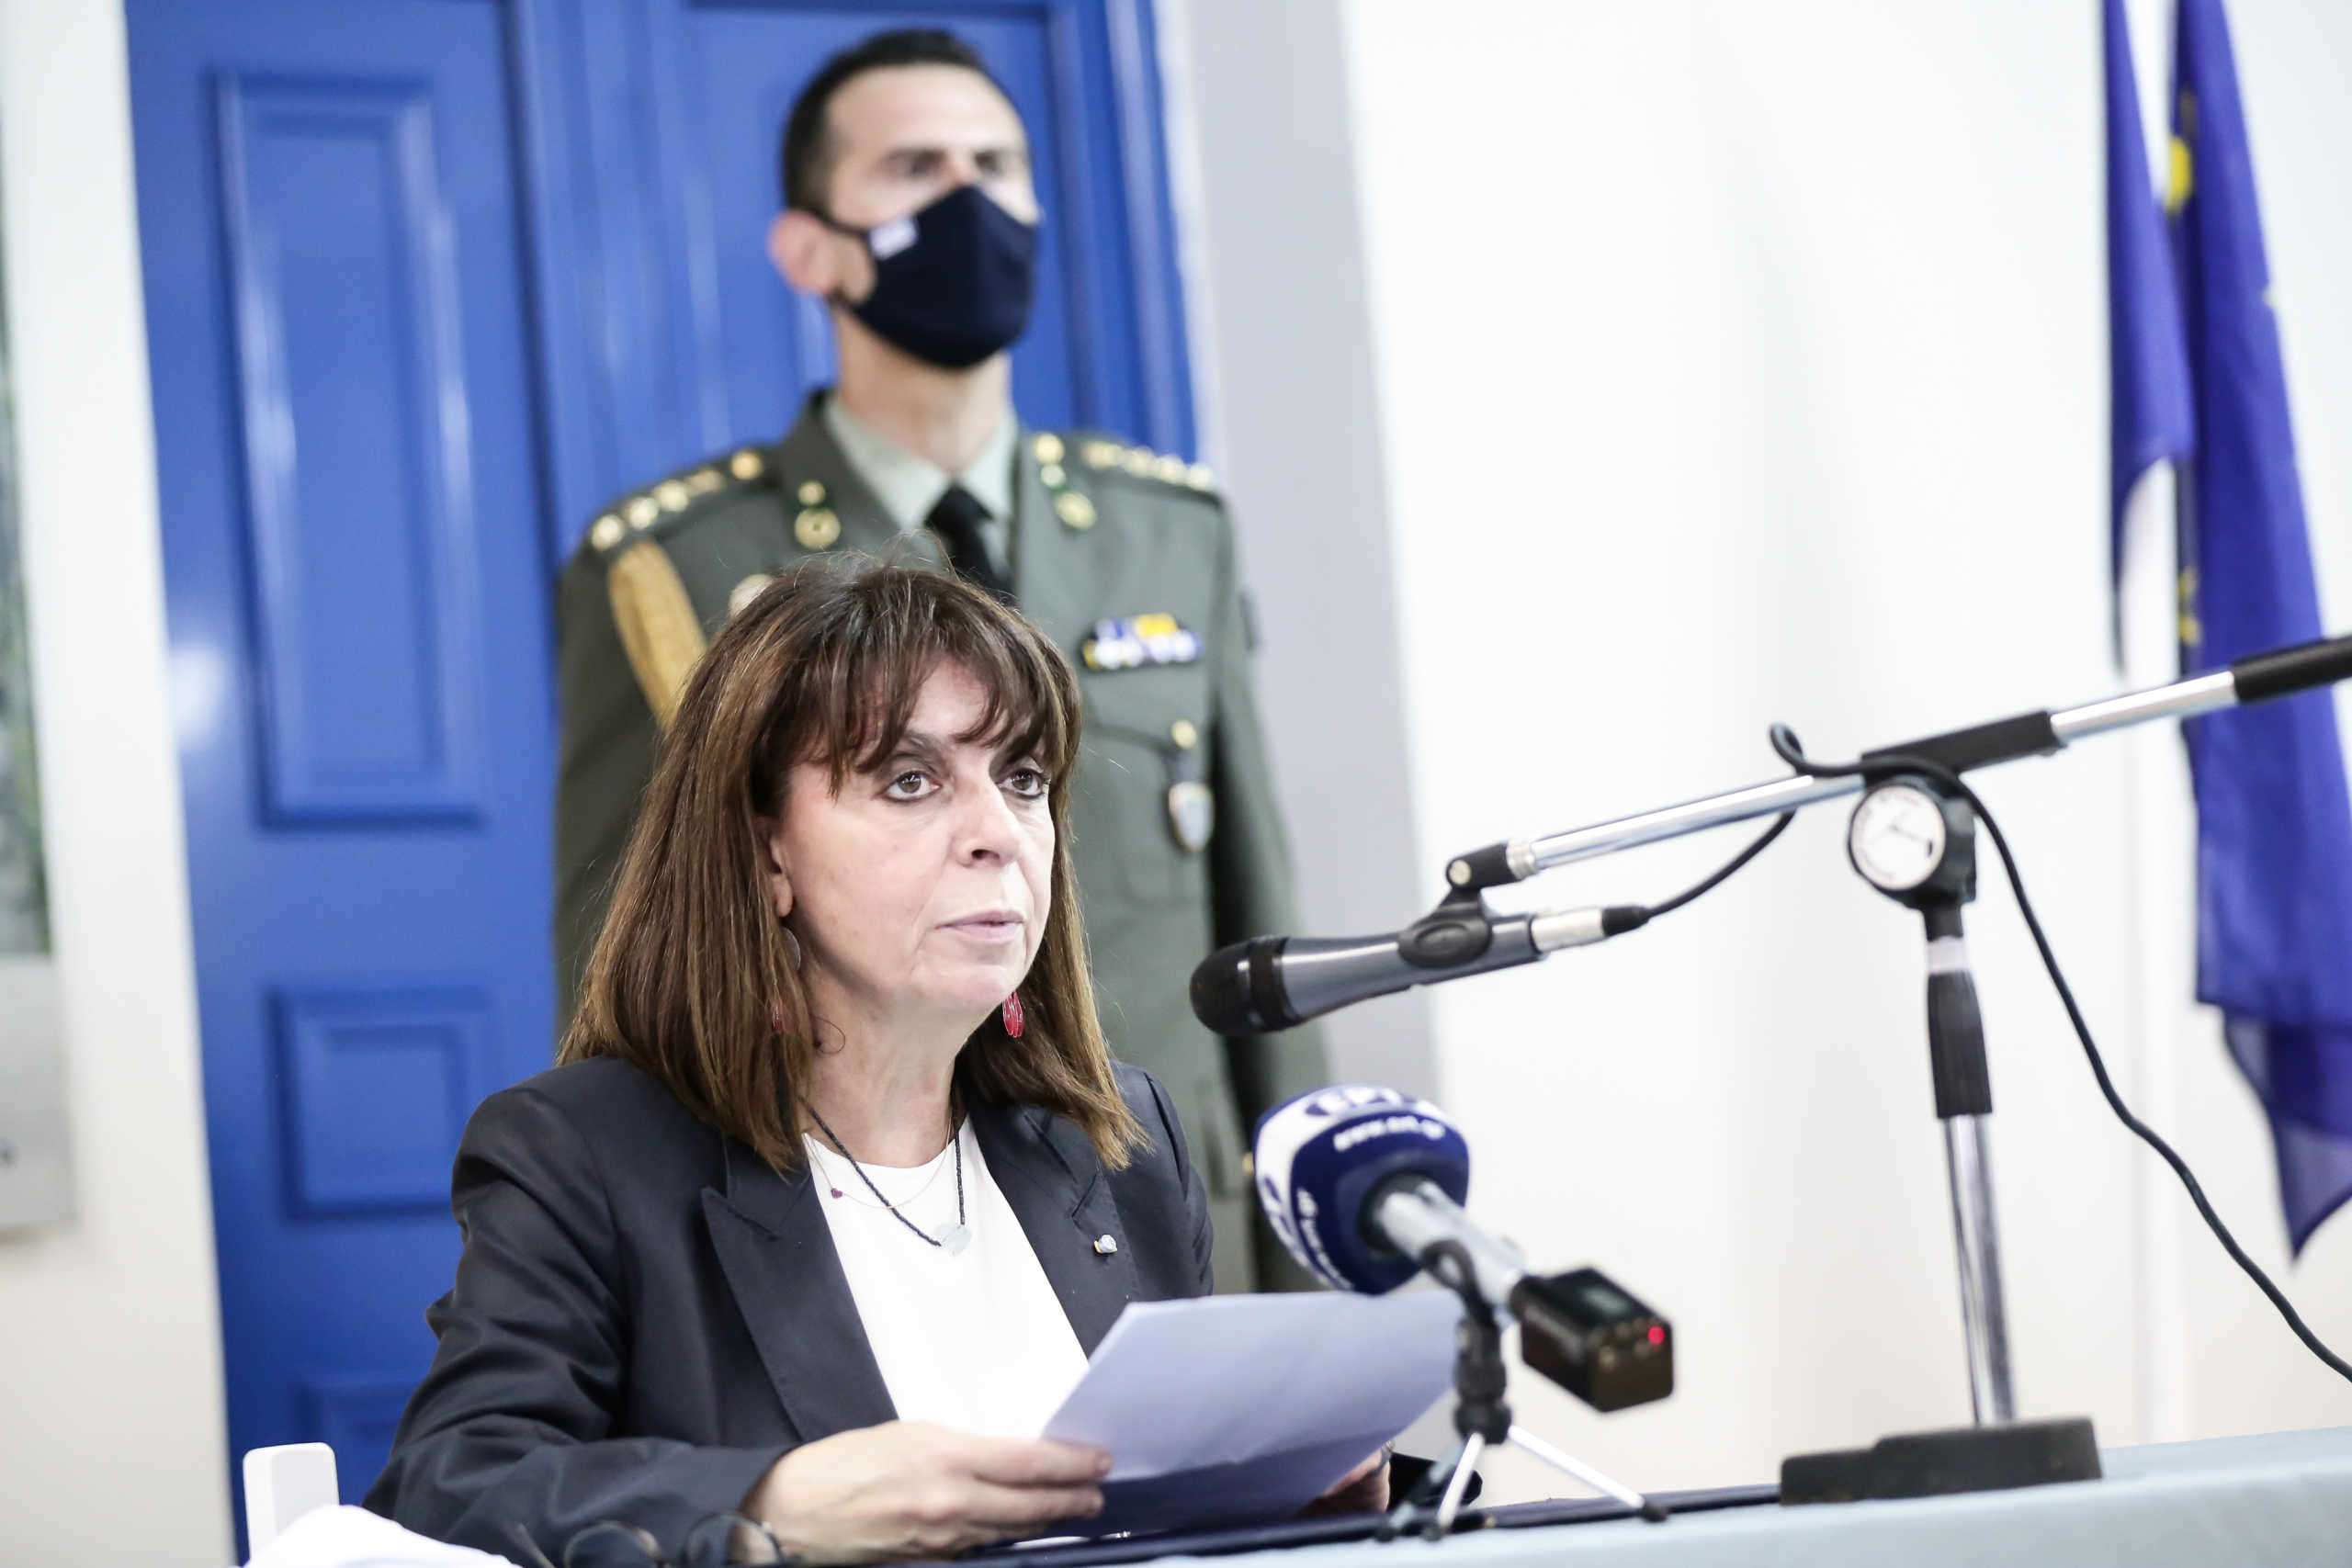 Σακελλαροπούλου από Καστελλόριζο: Δεν υποκύπτουμε σε απειλές – Ελπίζουμε να επικρατήσει η λογική